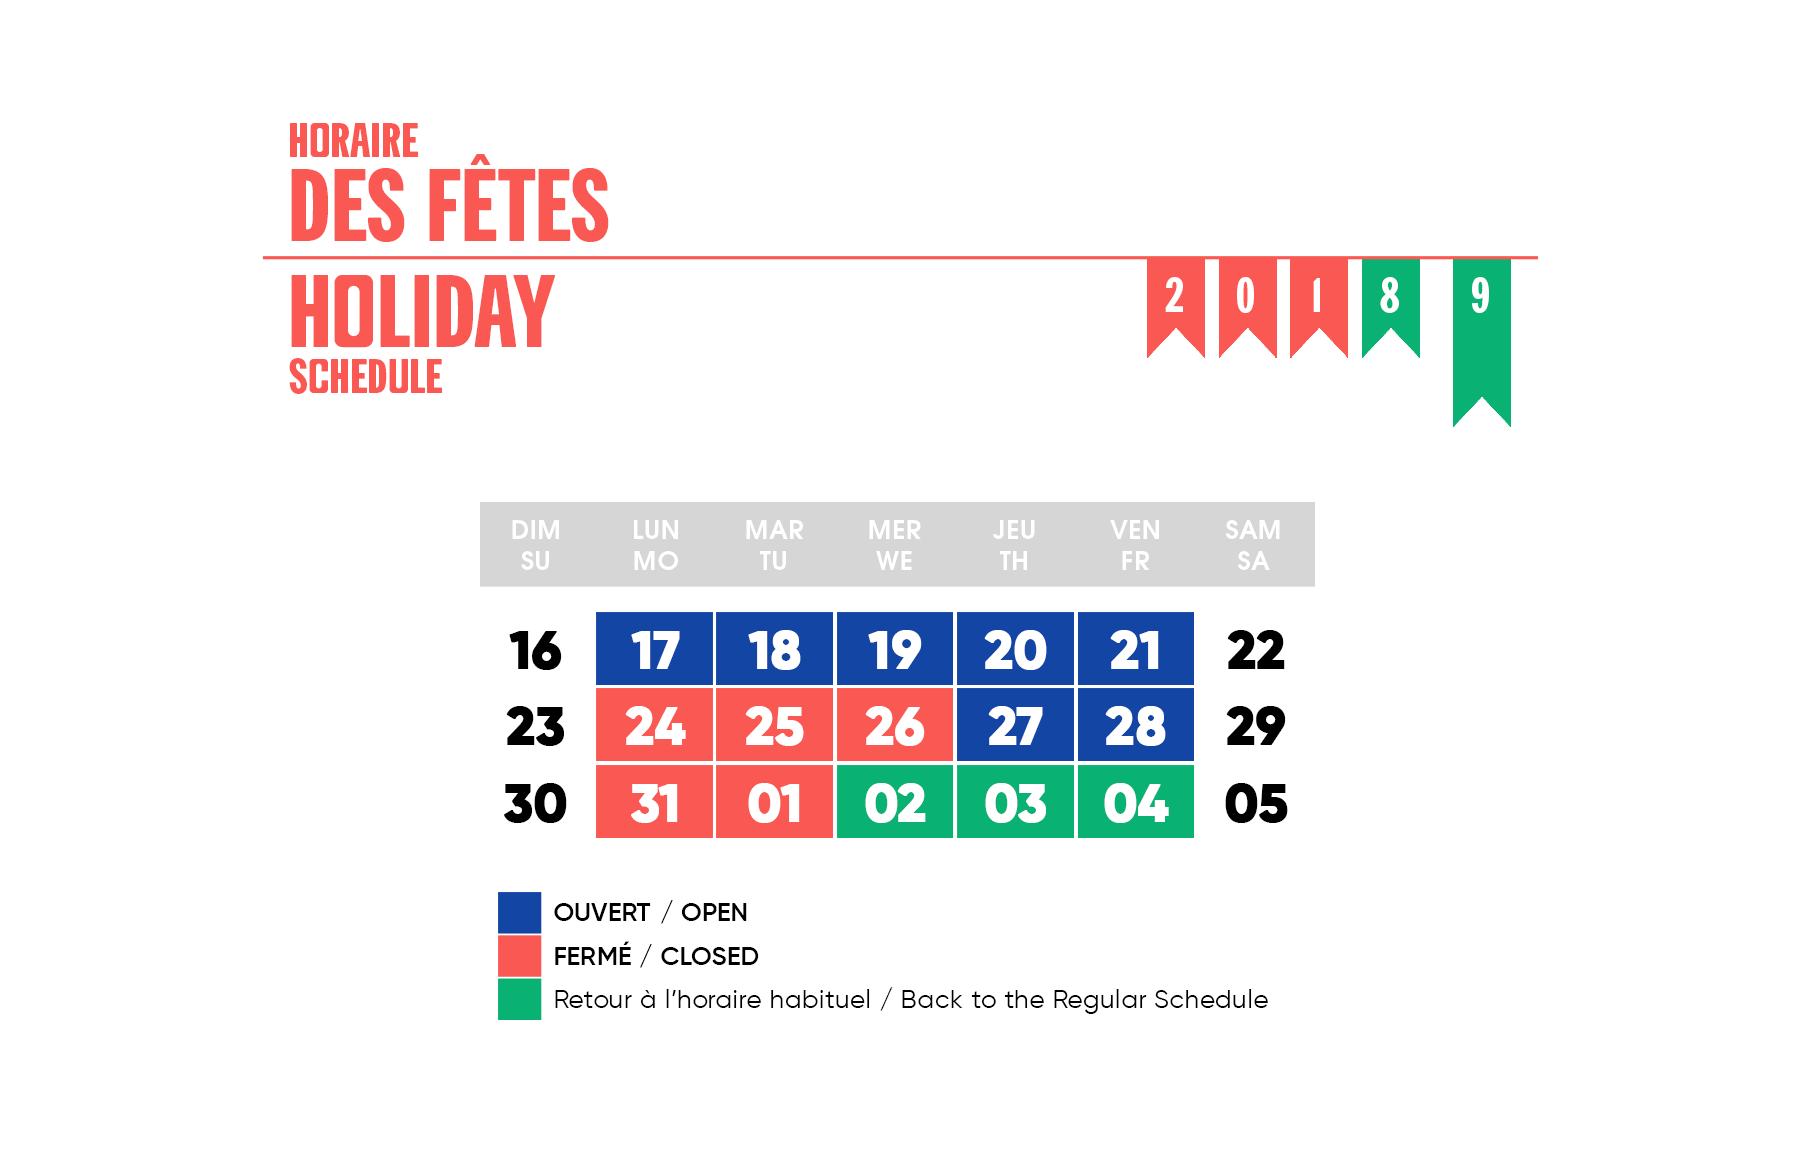 Horaire des fêtes 2018-2019